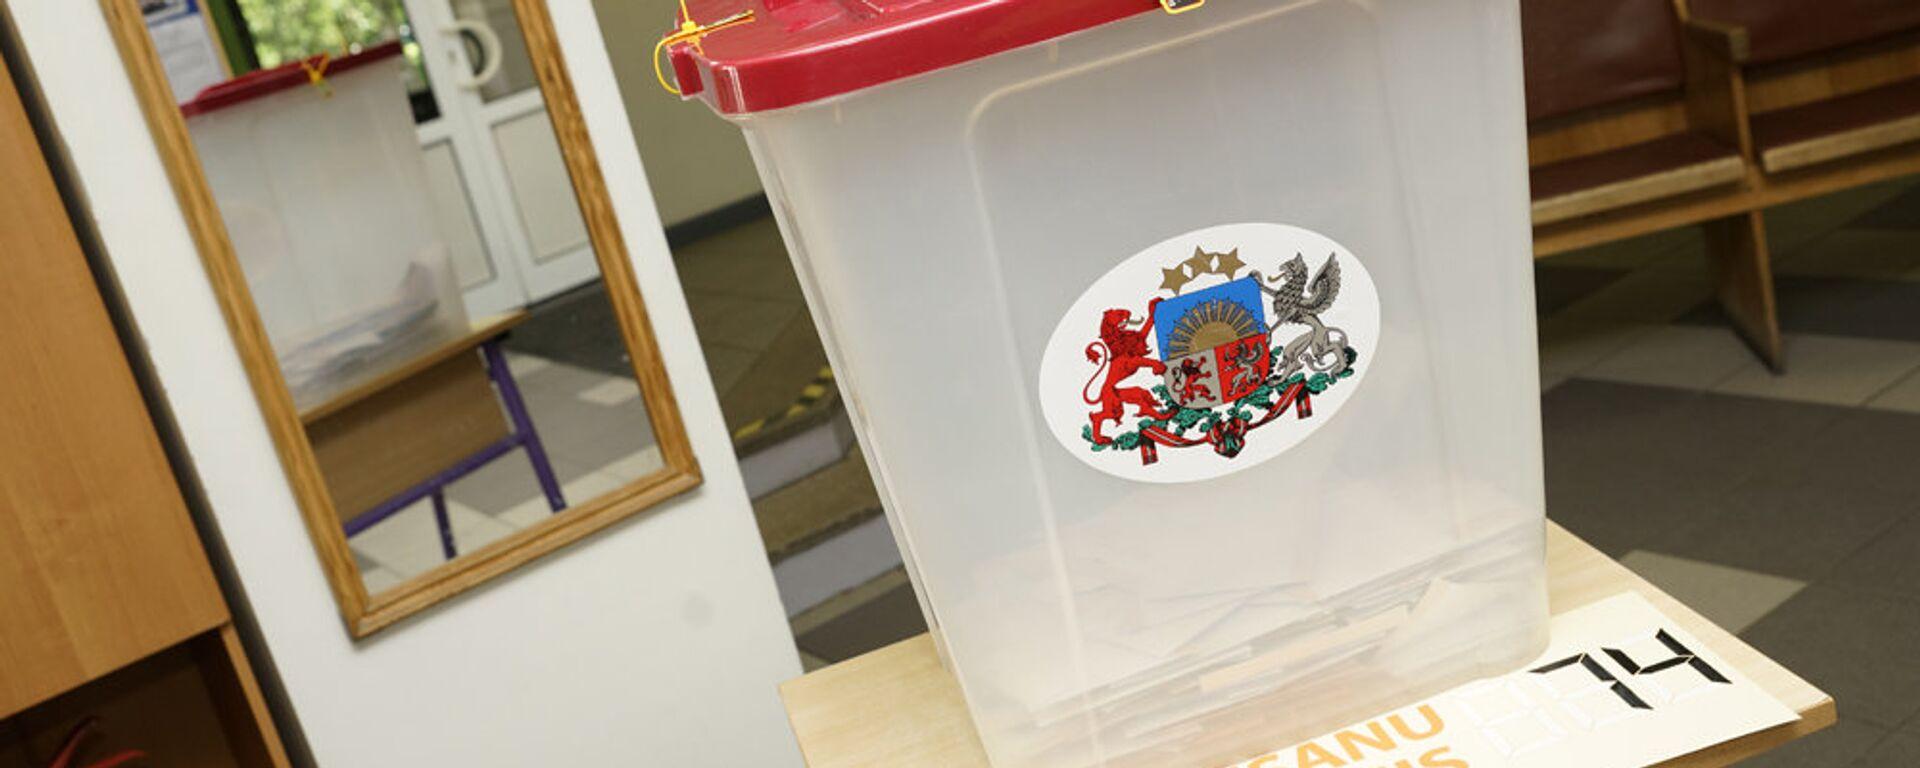 Урна для голосования на выборах в местные самоуправления - Sputnik Латвия, 1920, 22.04.2021